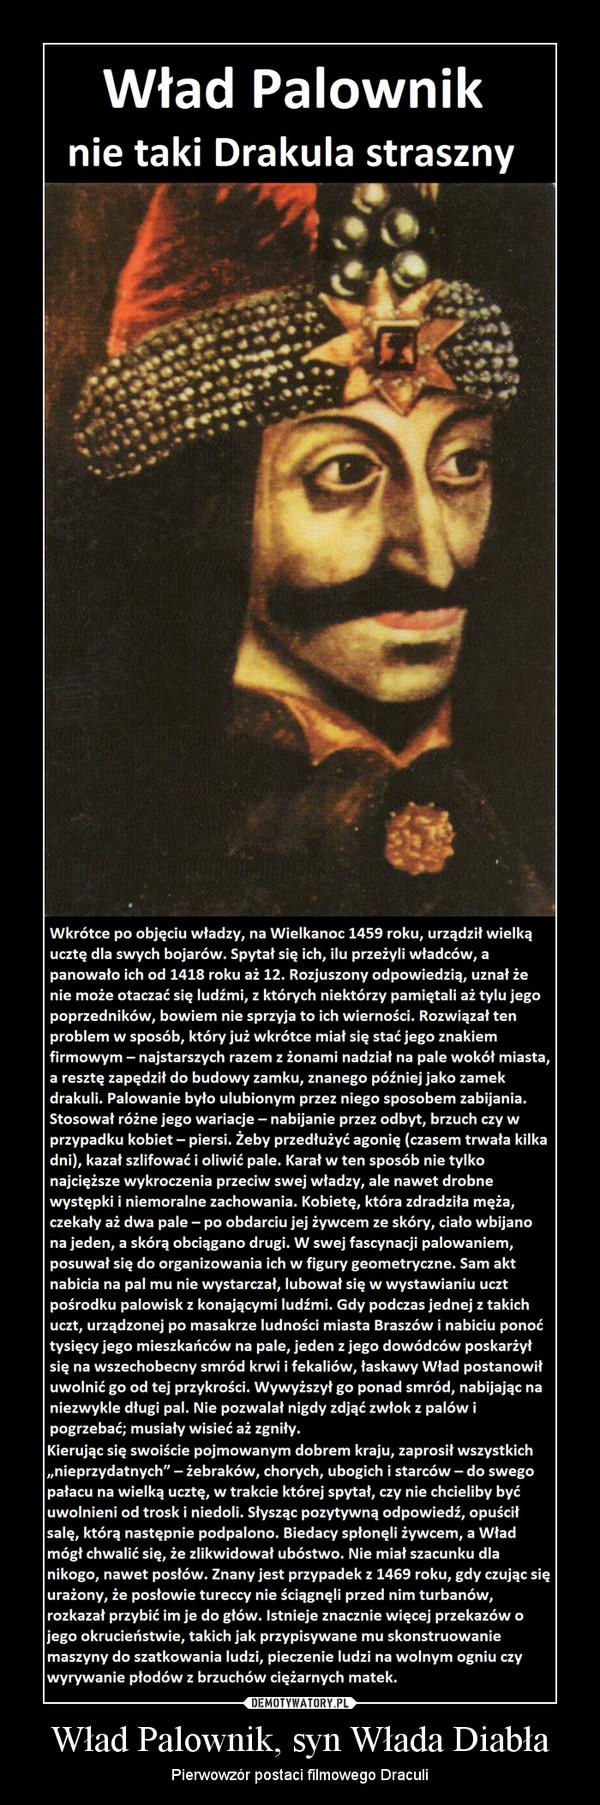 Wład Palownik, syn Włada Diabła – Pierwowzór postaci filmowego Draculi